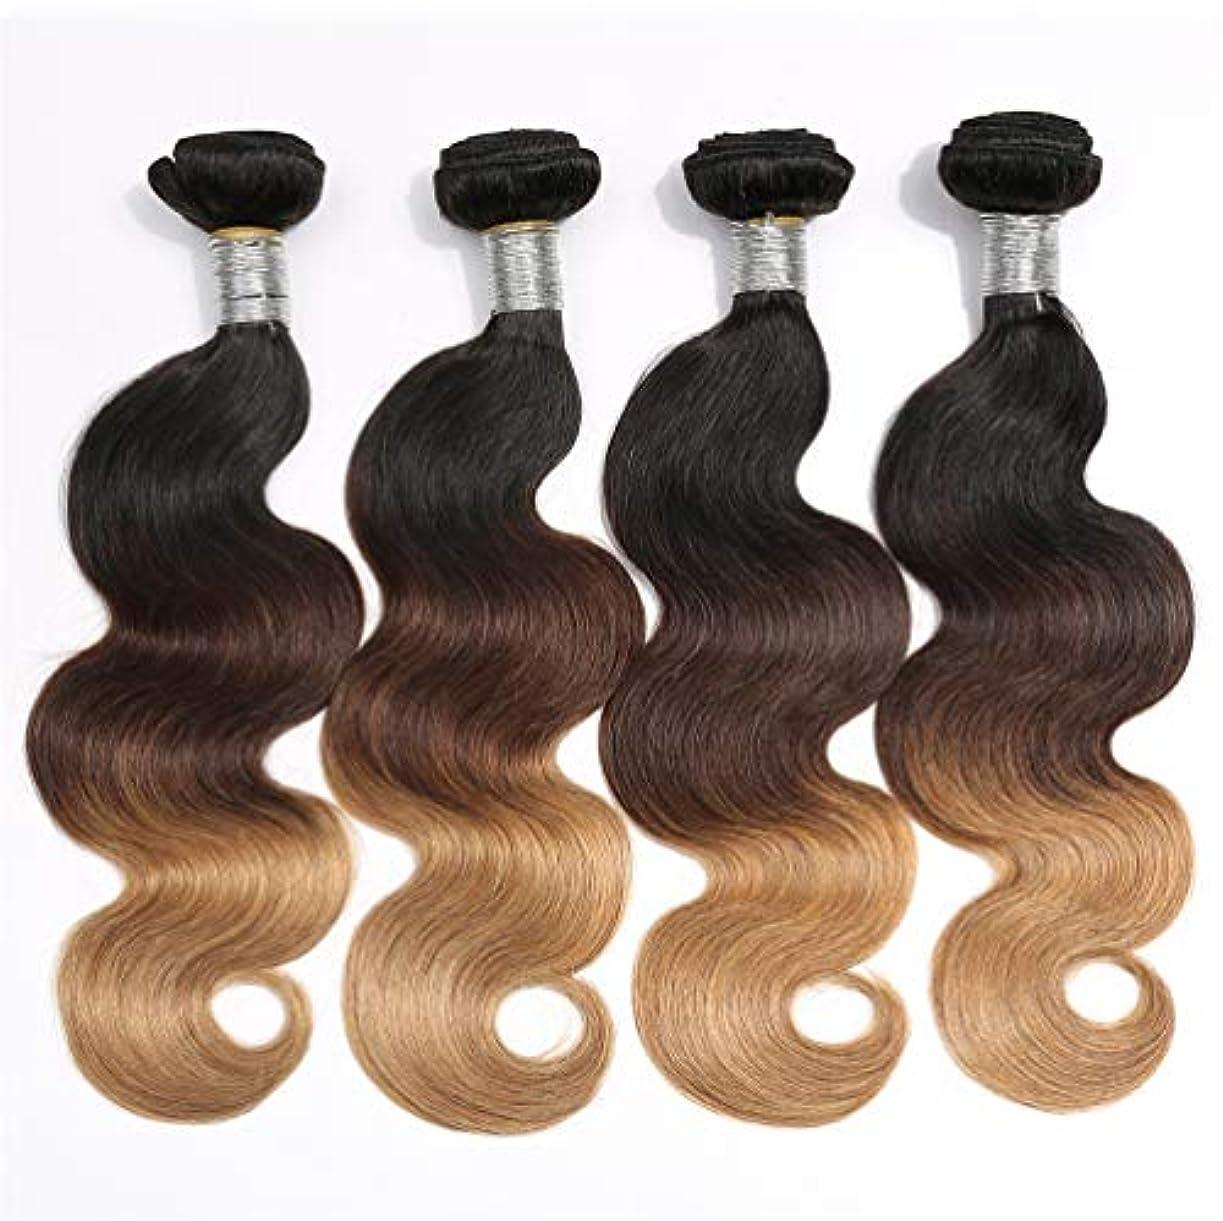 貝殻資格炭素女性150%密度ブラジル髪の束実体波1バンドル髪の束実体波人間の髪の毛のグラデーション